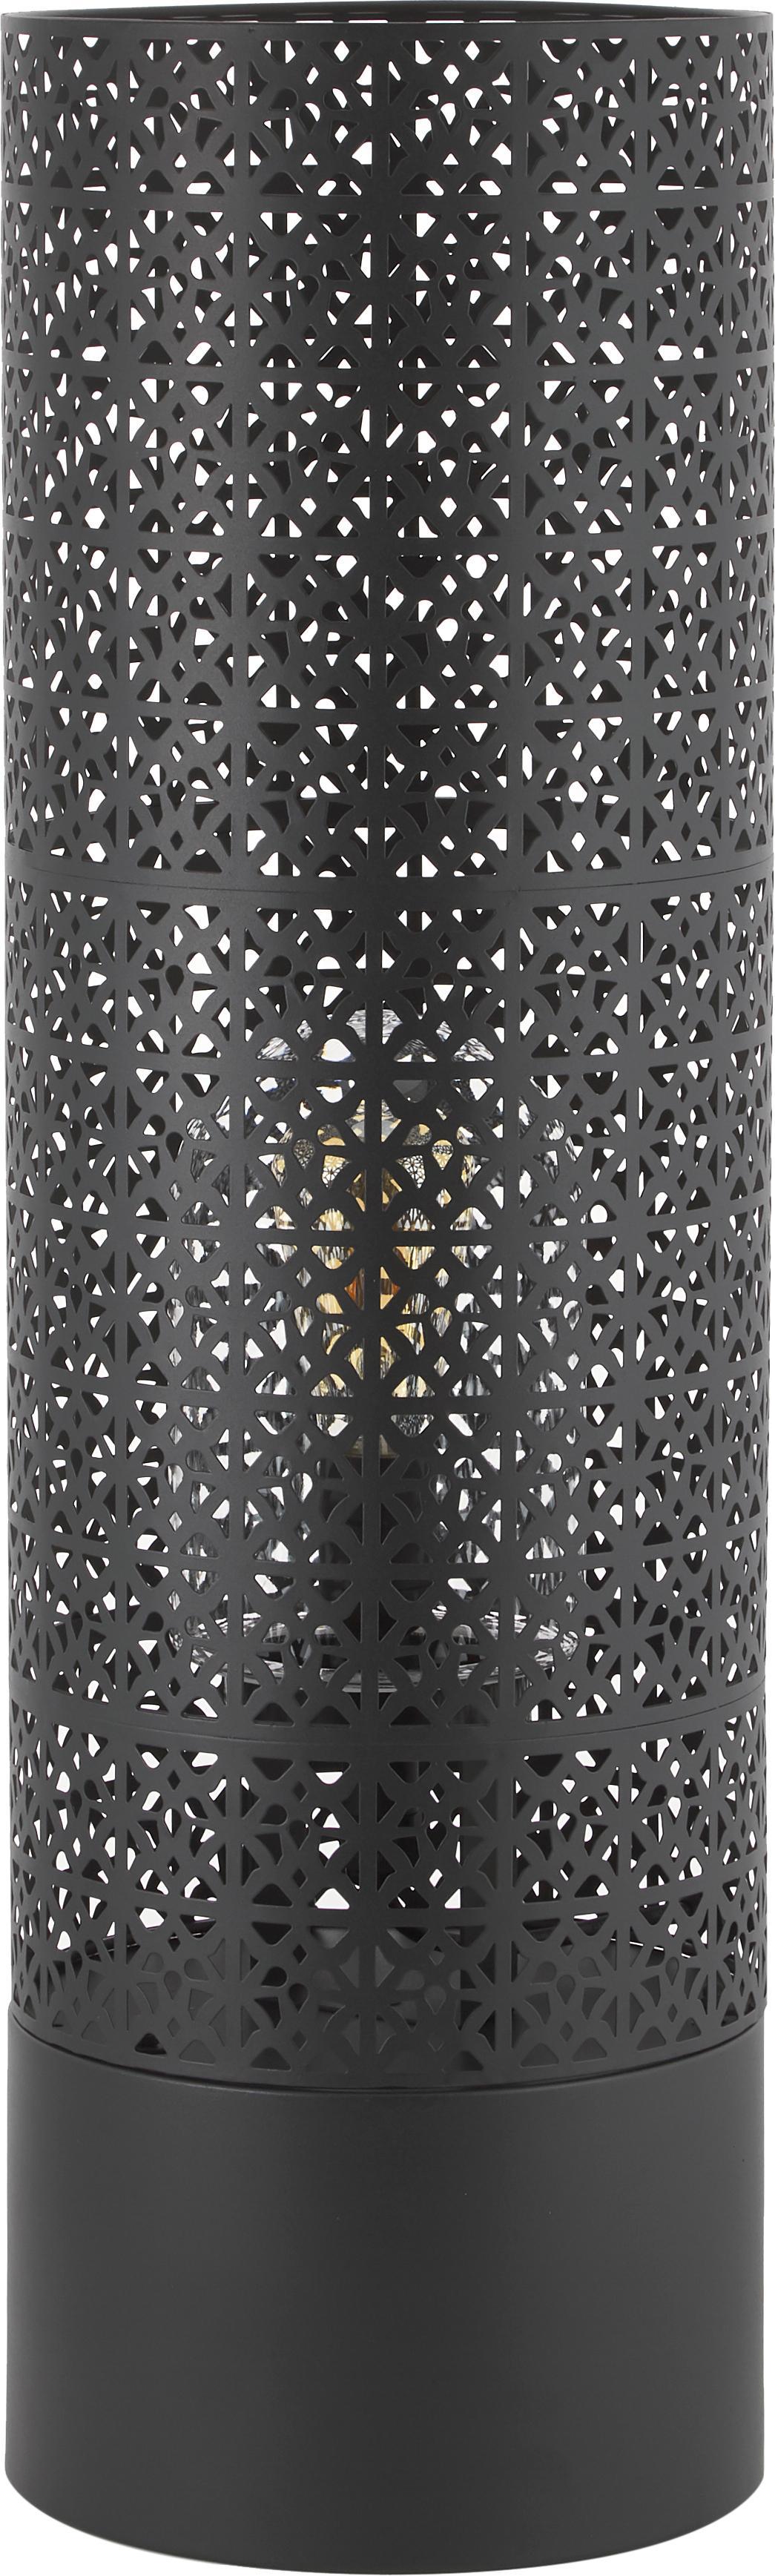 Zewnętrzna lampa podłogowa boho Maison, Czarny, Ø 24 x W 78 cm